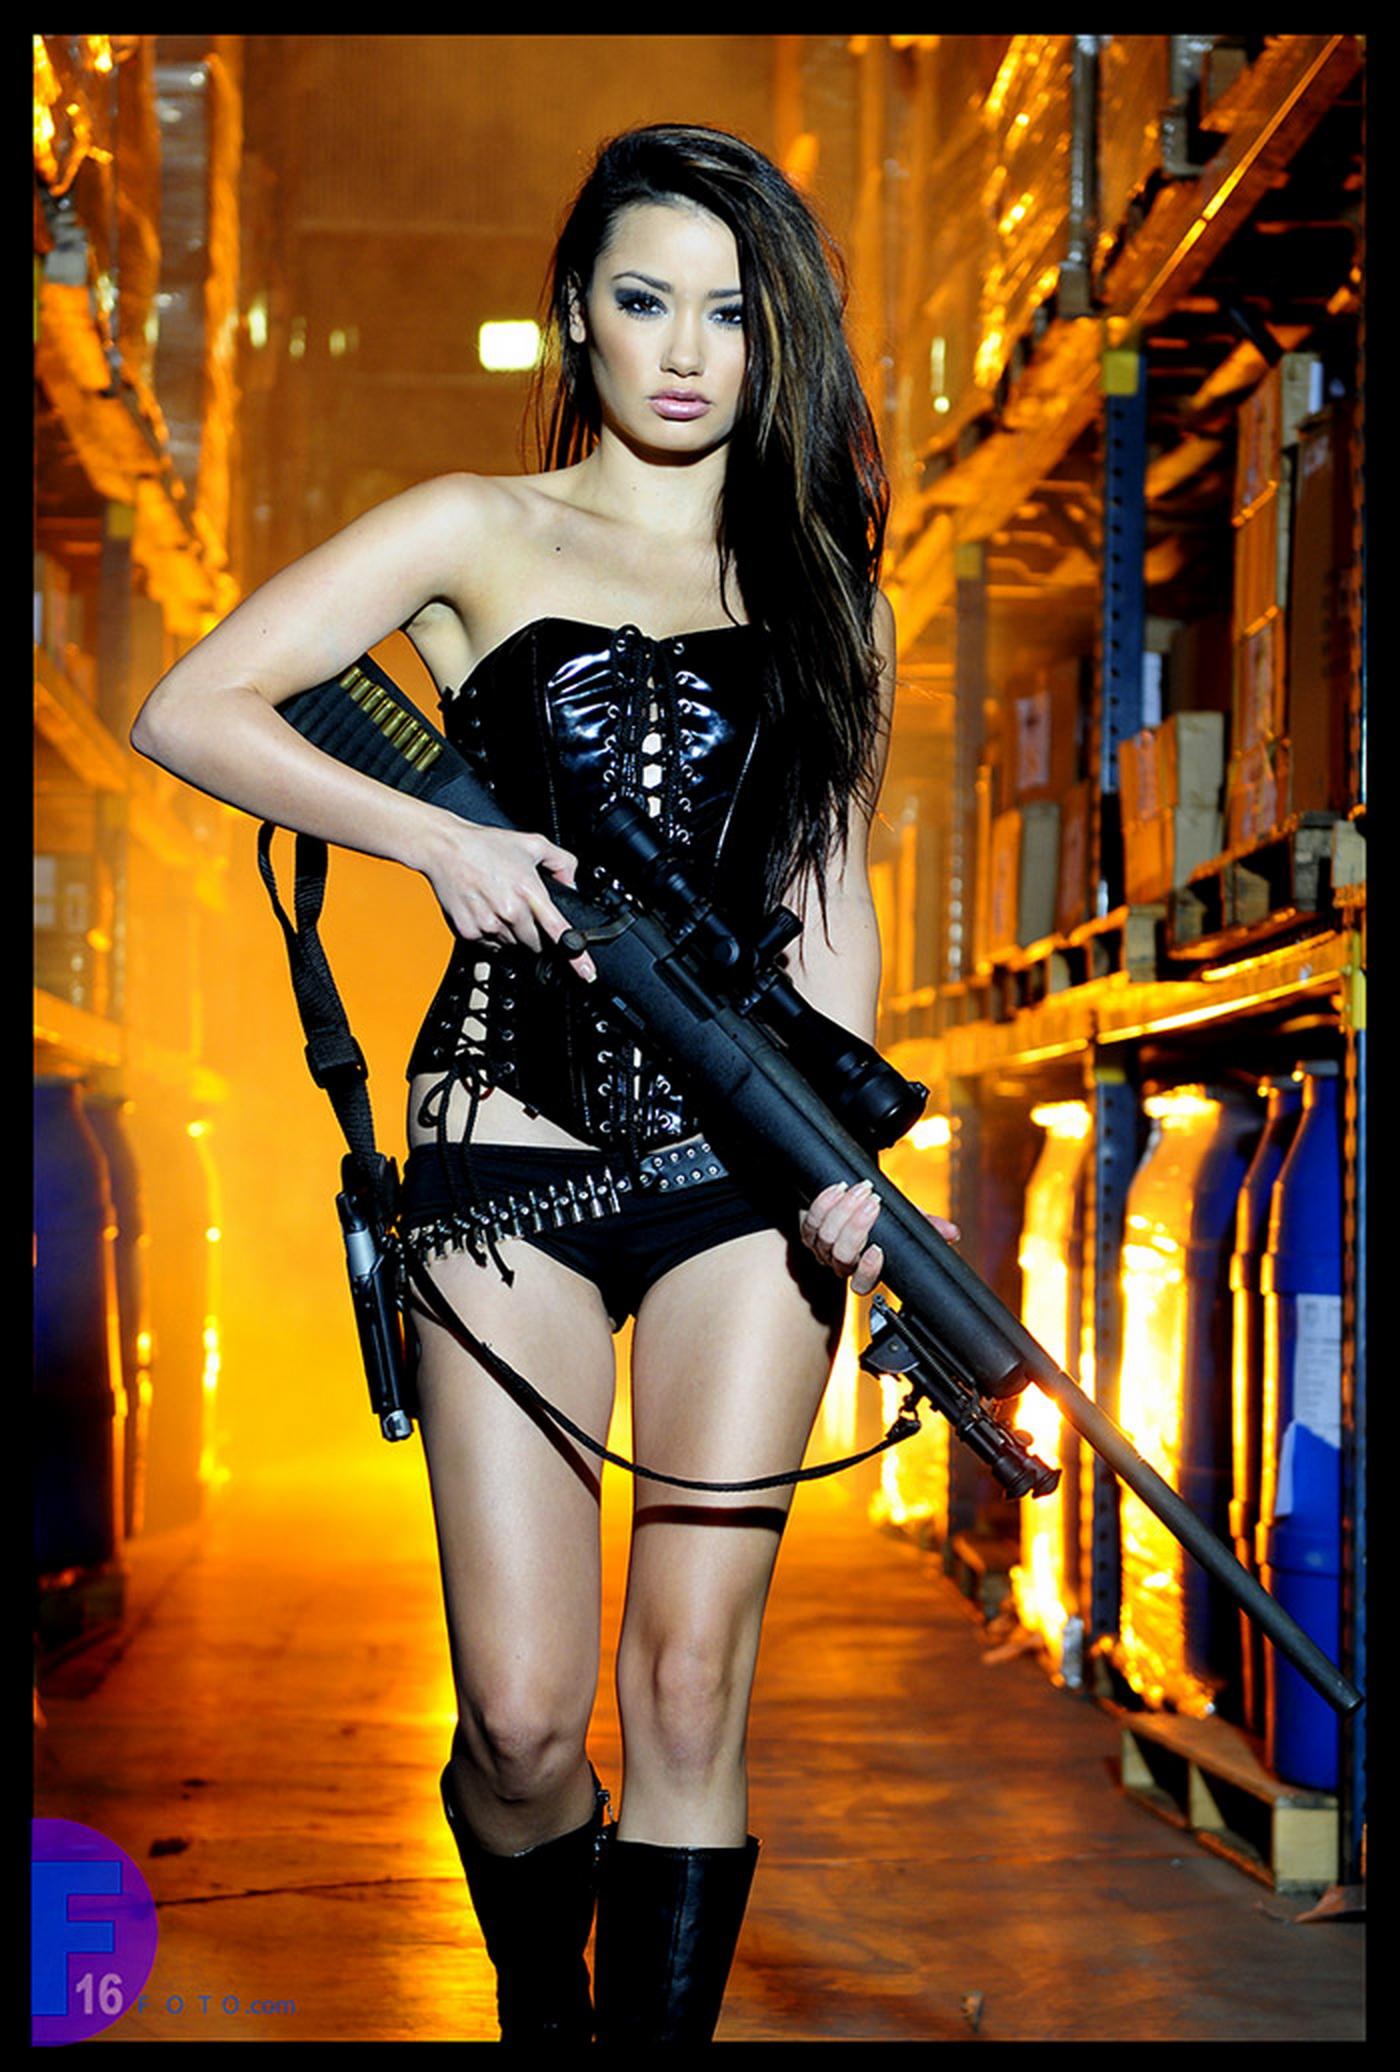 Смотреть картинки тёлки с оружием 20 фотография